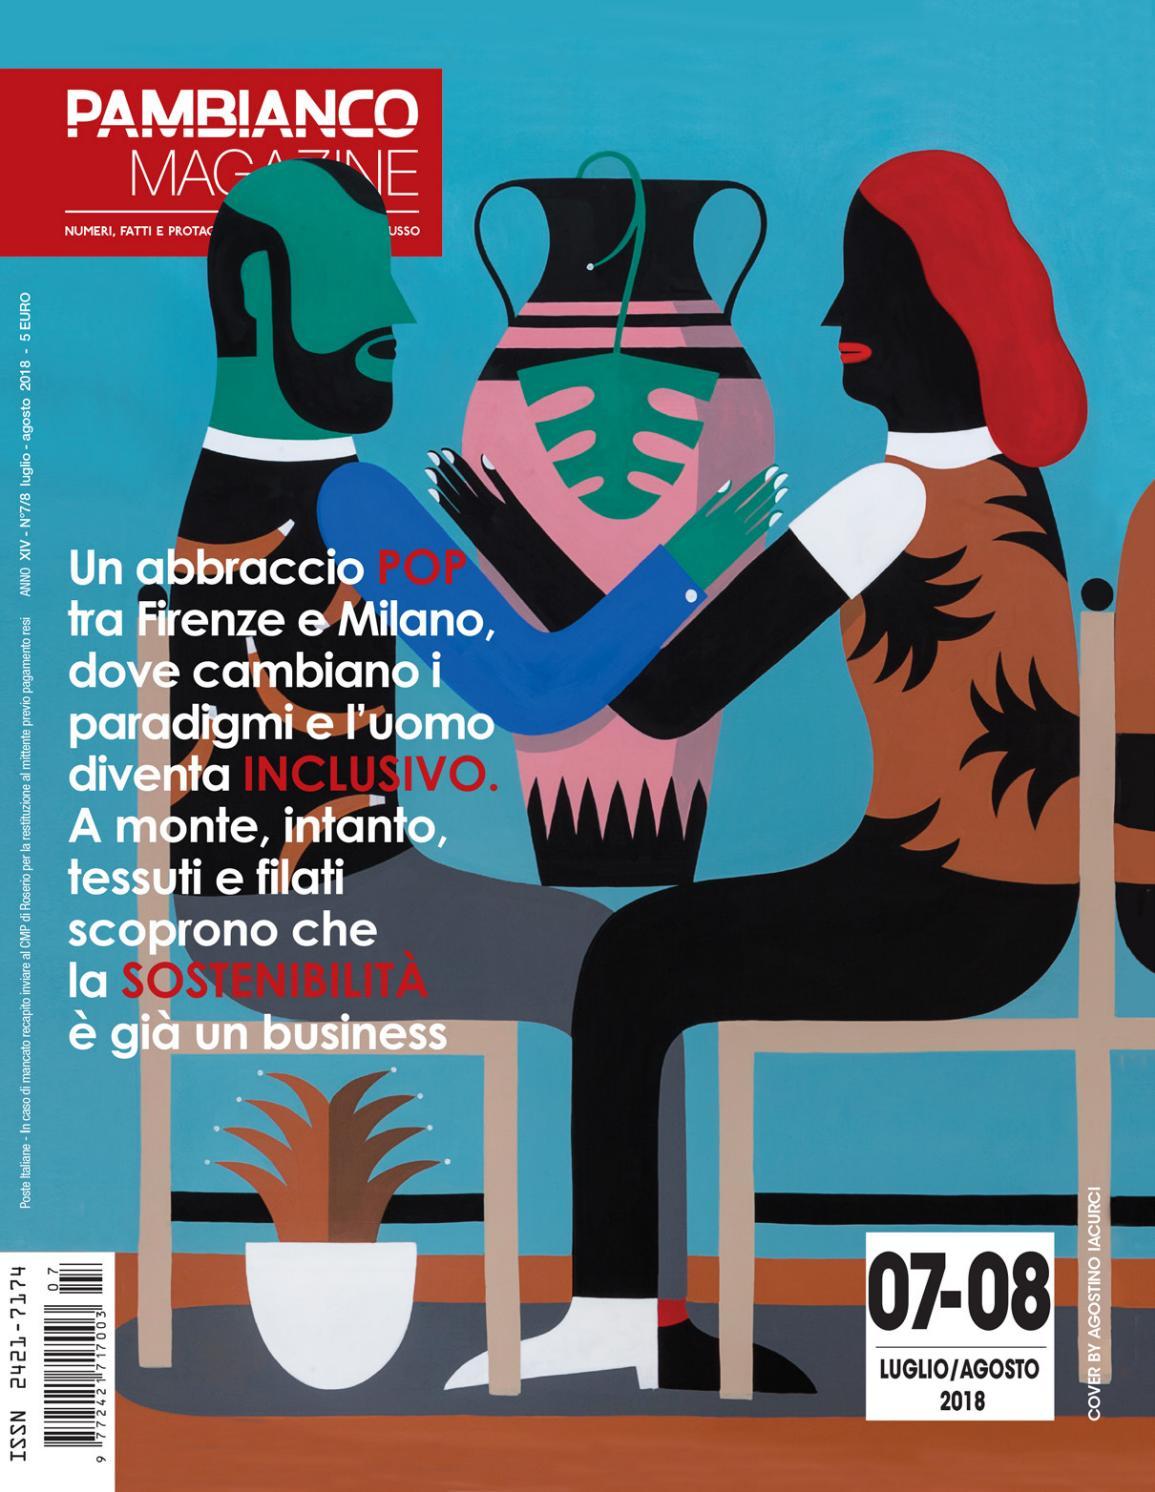 049b0d29bba5e Pambianco magazine 7 8 XIV by Pambianconews - issuu